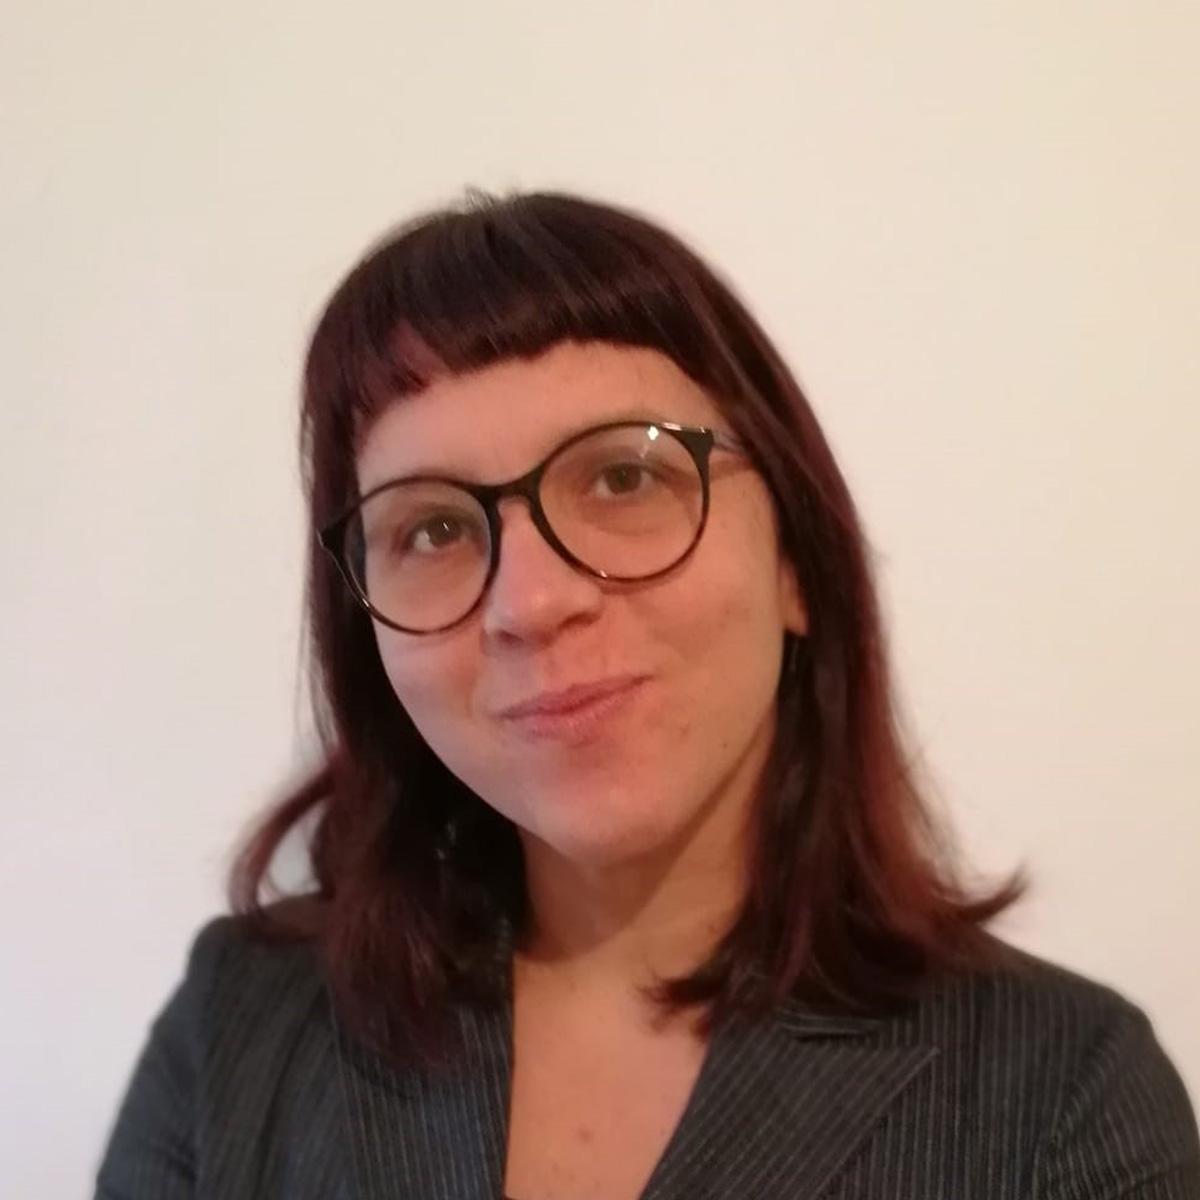 Virginia Bindi